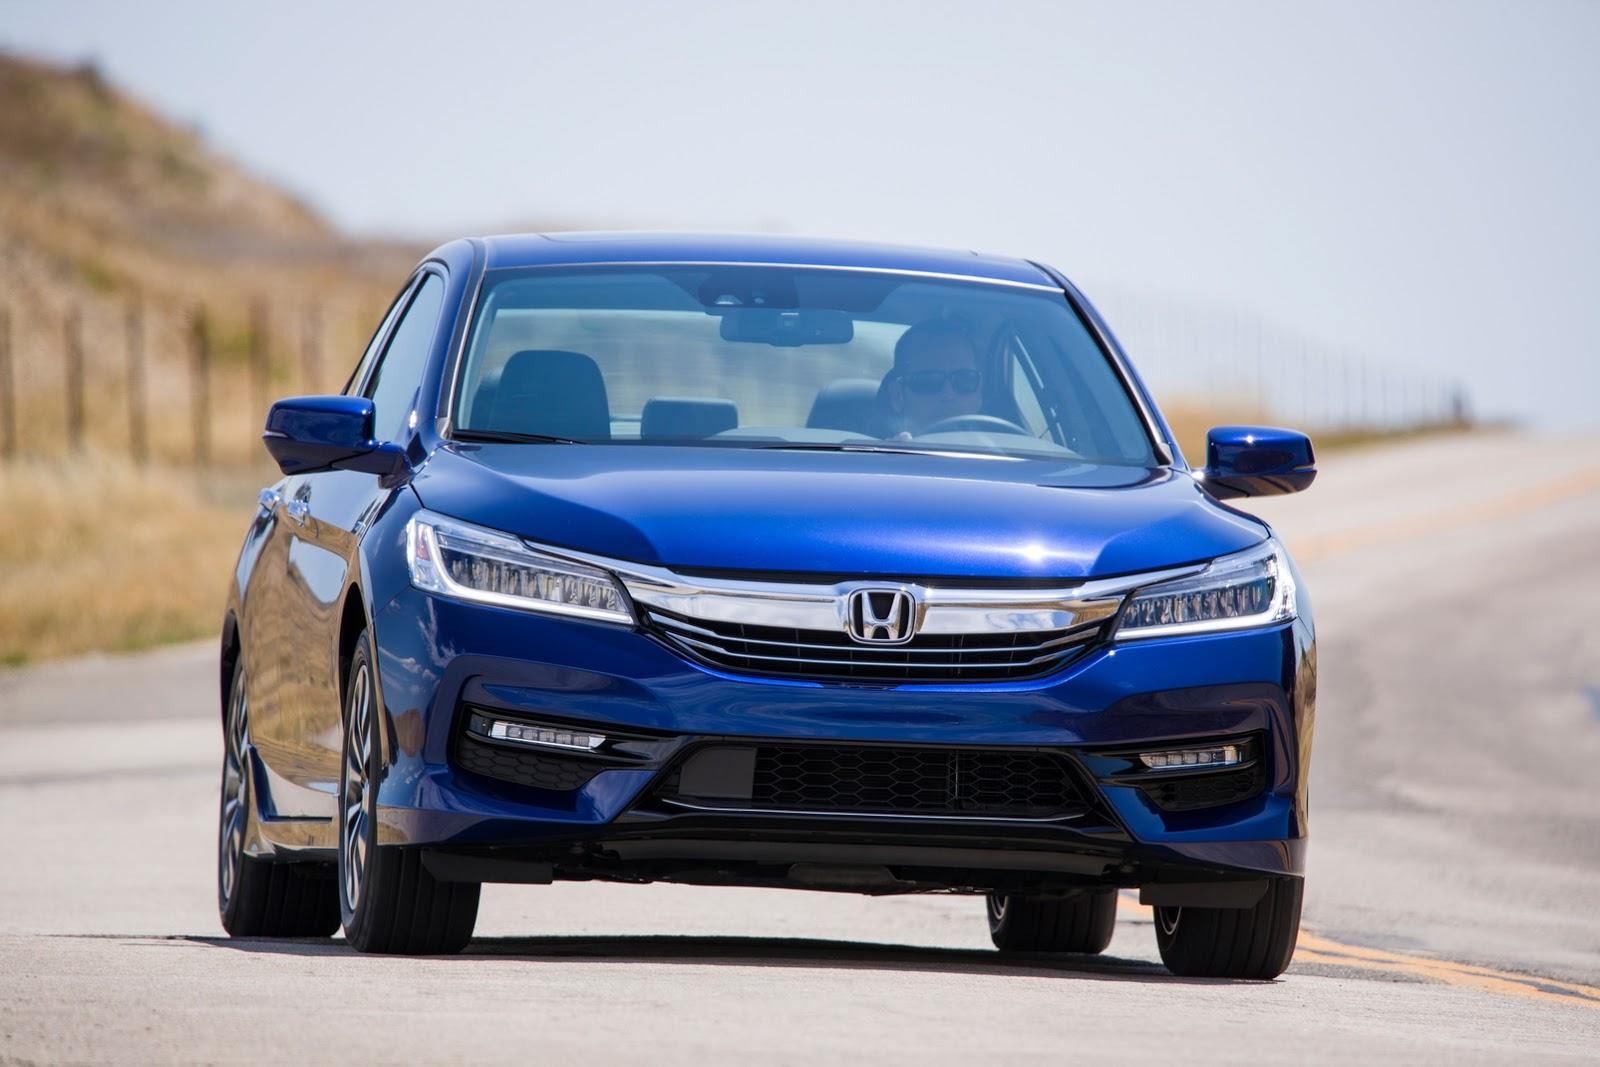 Tại thị trường Mỹ, Honda Accord Hybrid 2017 được chia thành 3 bản trang bị là tiêu chuẩn, Hybrid EX-L và Hybrid Touring. Tất cả đều có thêm những trang thiết bị tiêu chuẩn và tùy chọn mới.